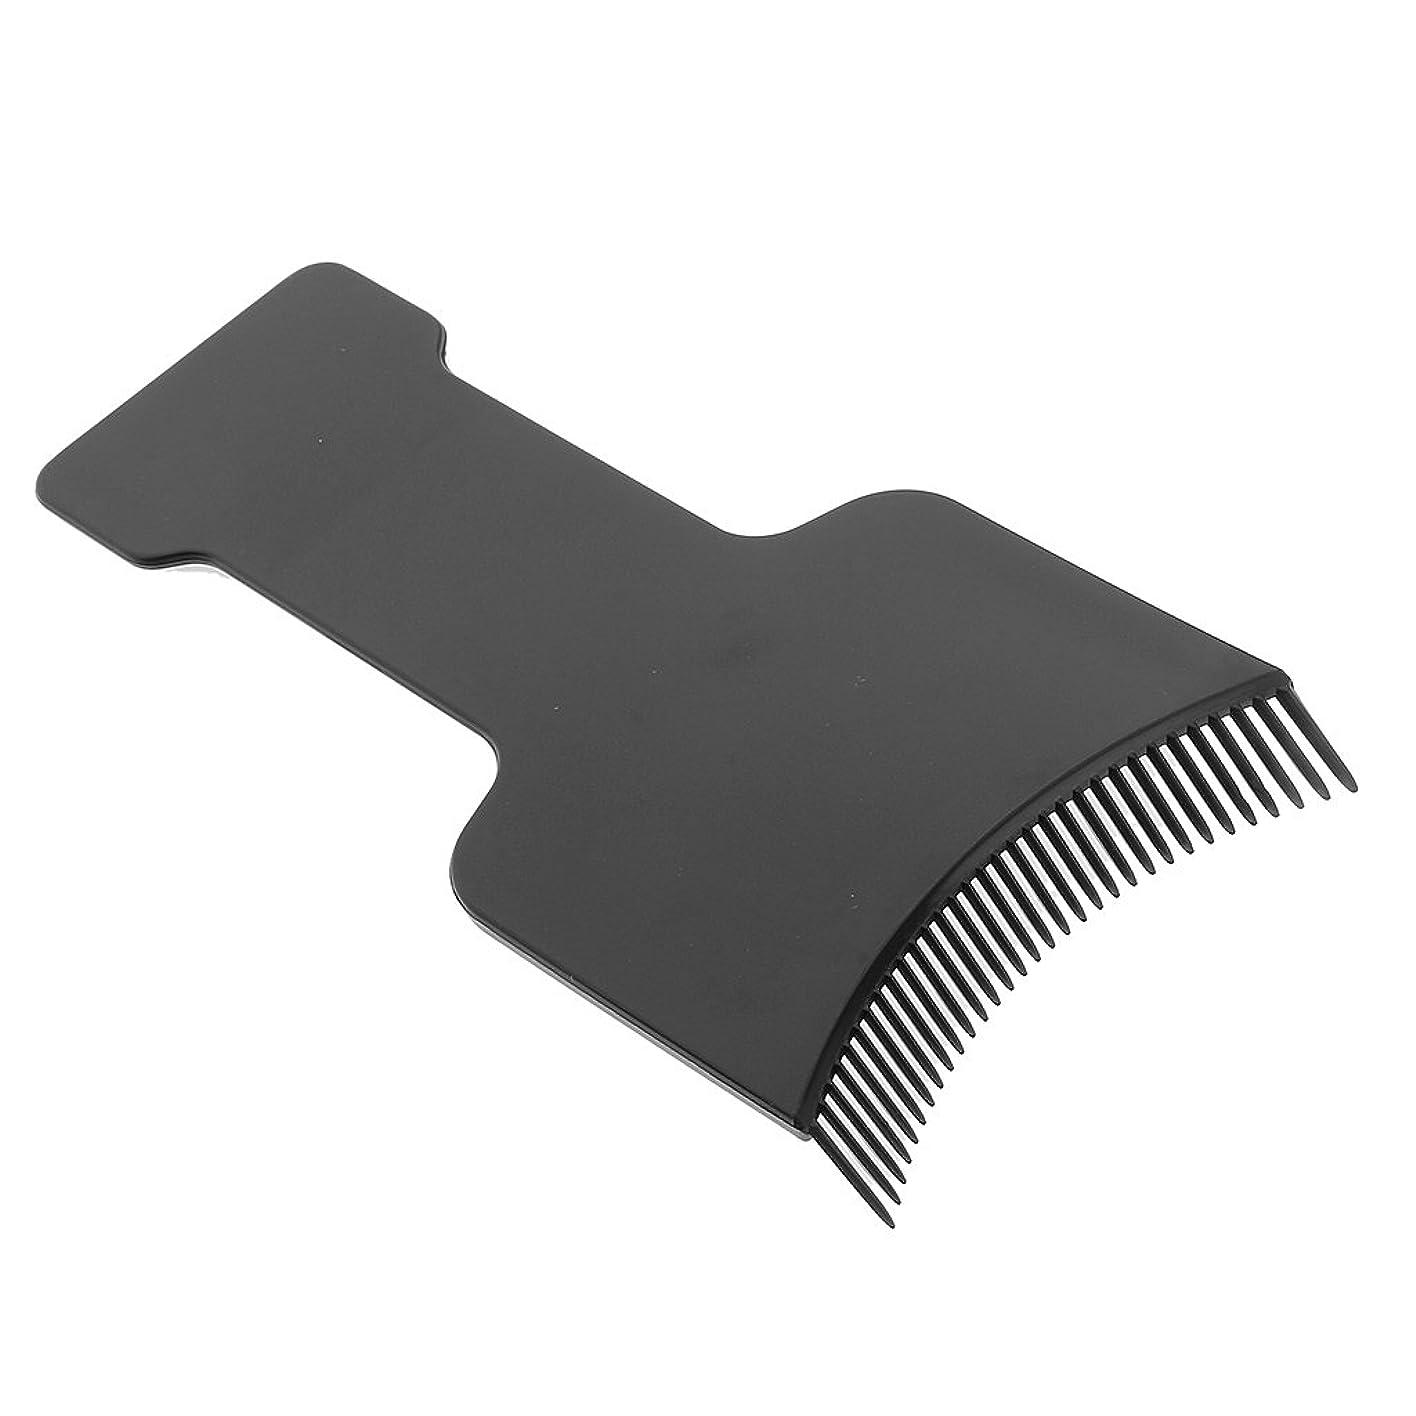 長いです有望青Baosity サロン ヘアカラー ボード ヘア 染色 ツール ブラック 全4サイズ - S